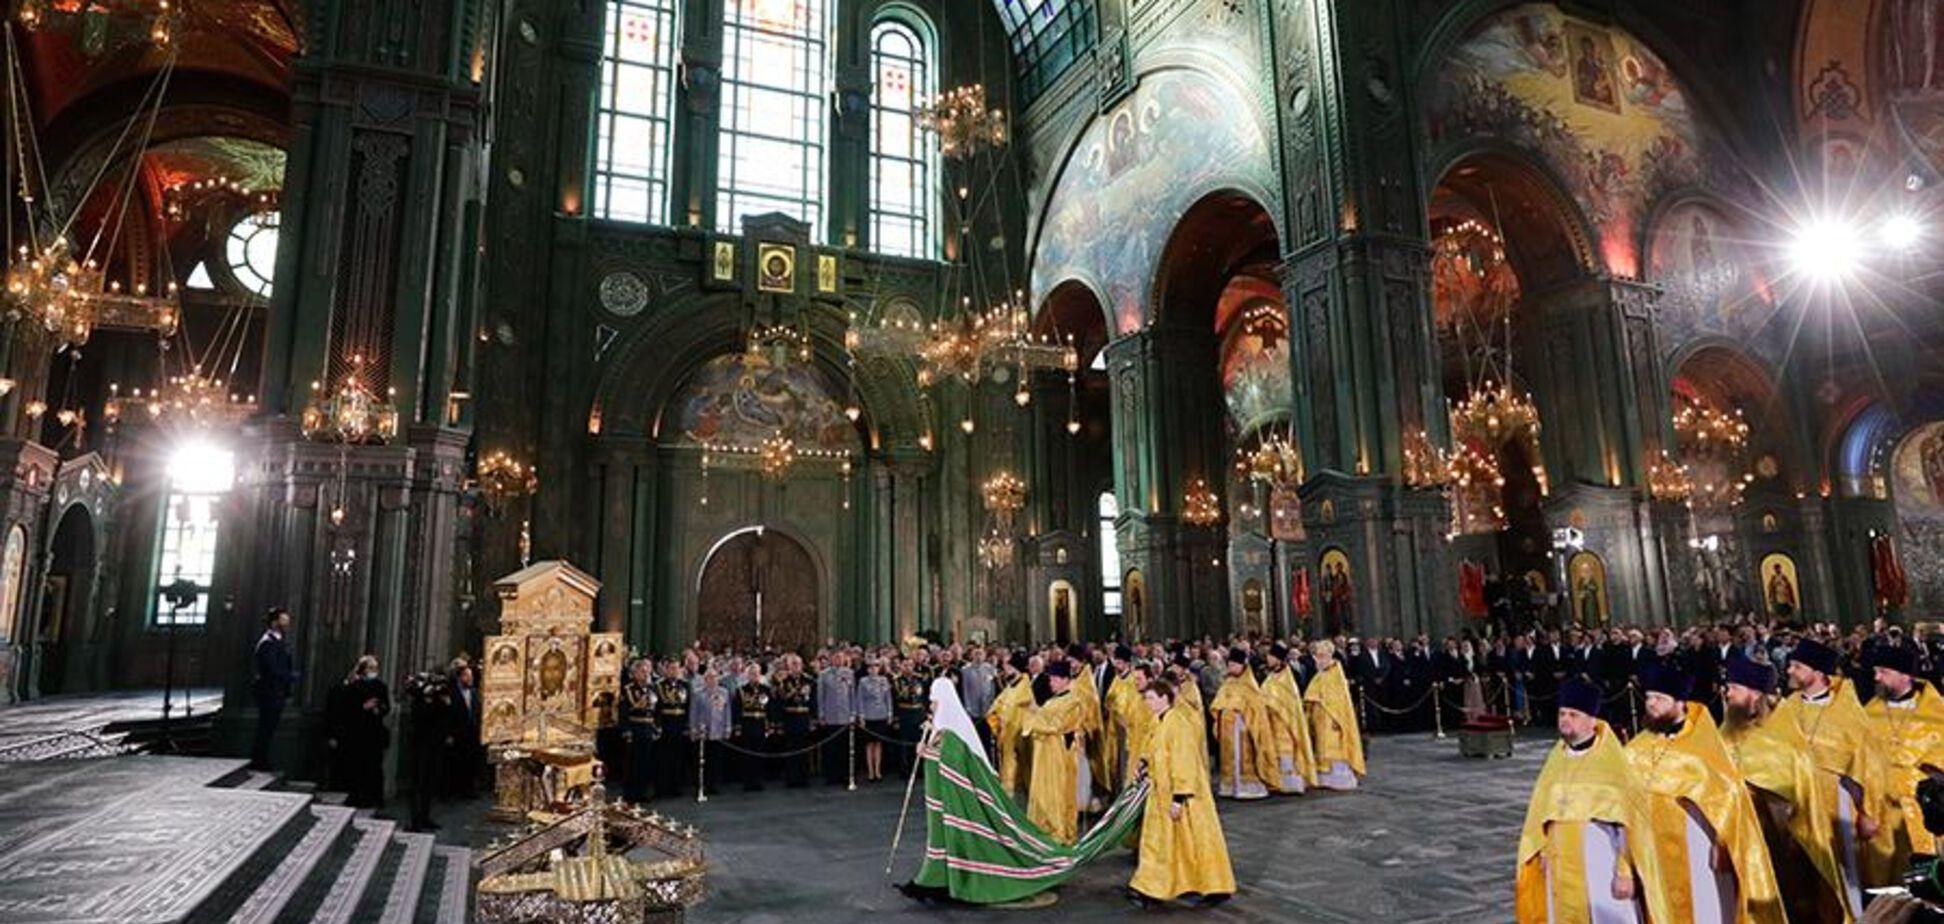 Патріарх Кирил освятив головний храм ЗС РФ і обурив мережу. Фото та відео